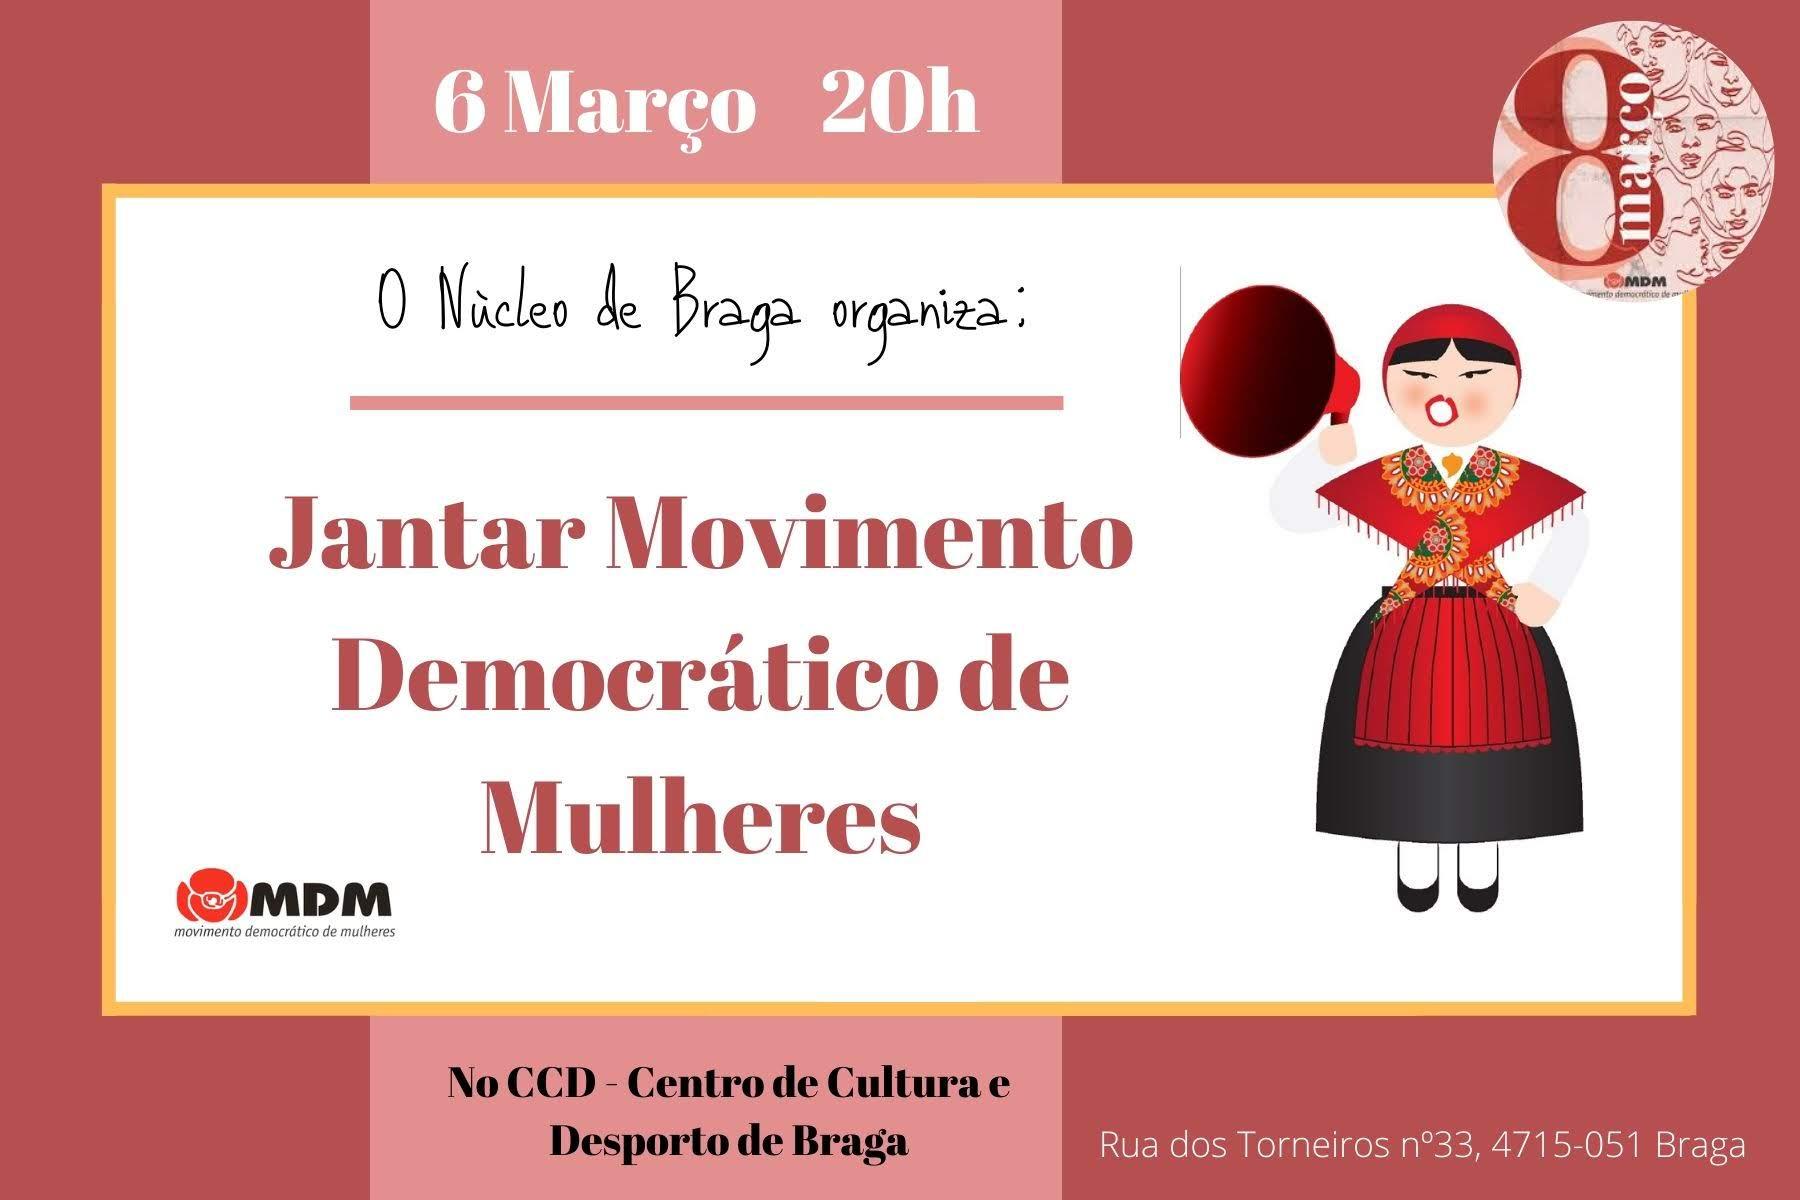 MDM em Braga e as Comemorações do Dia Internacional da Mulher